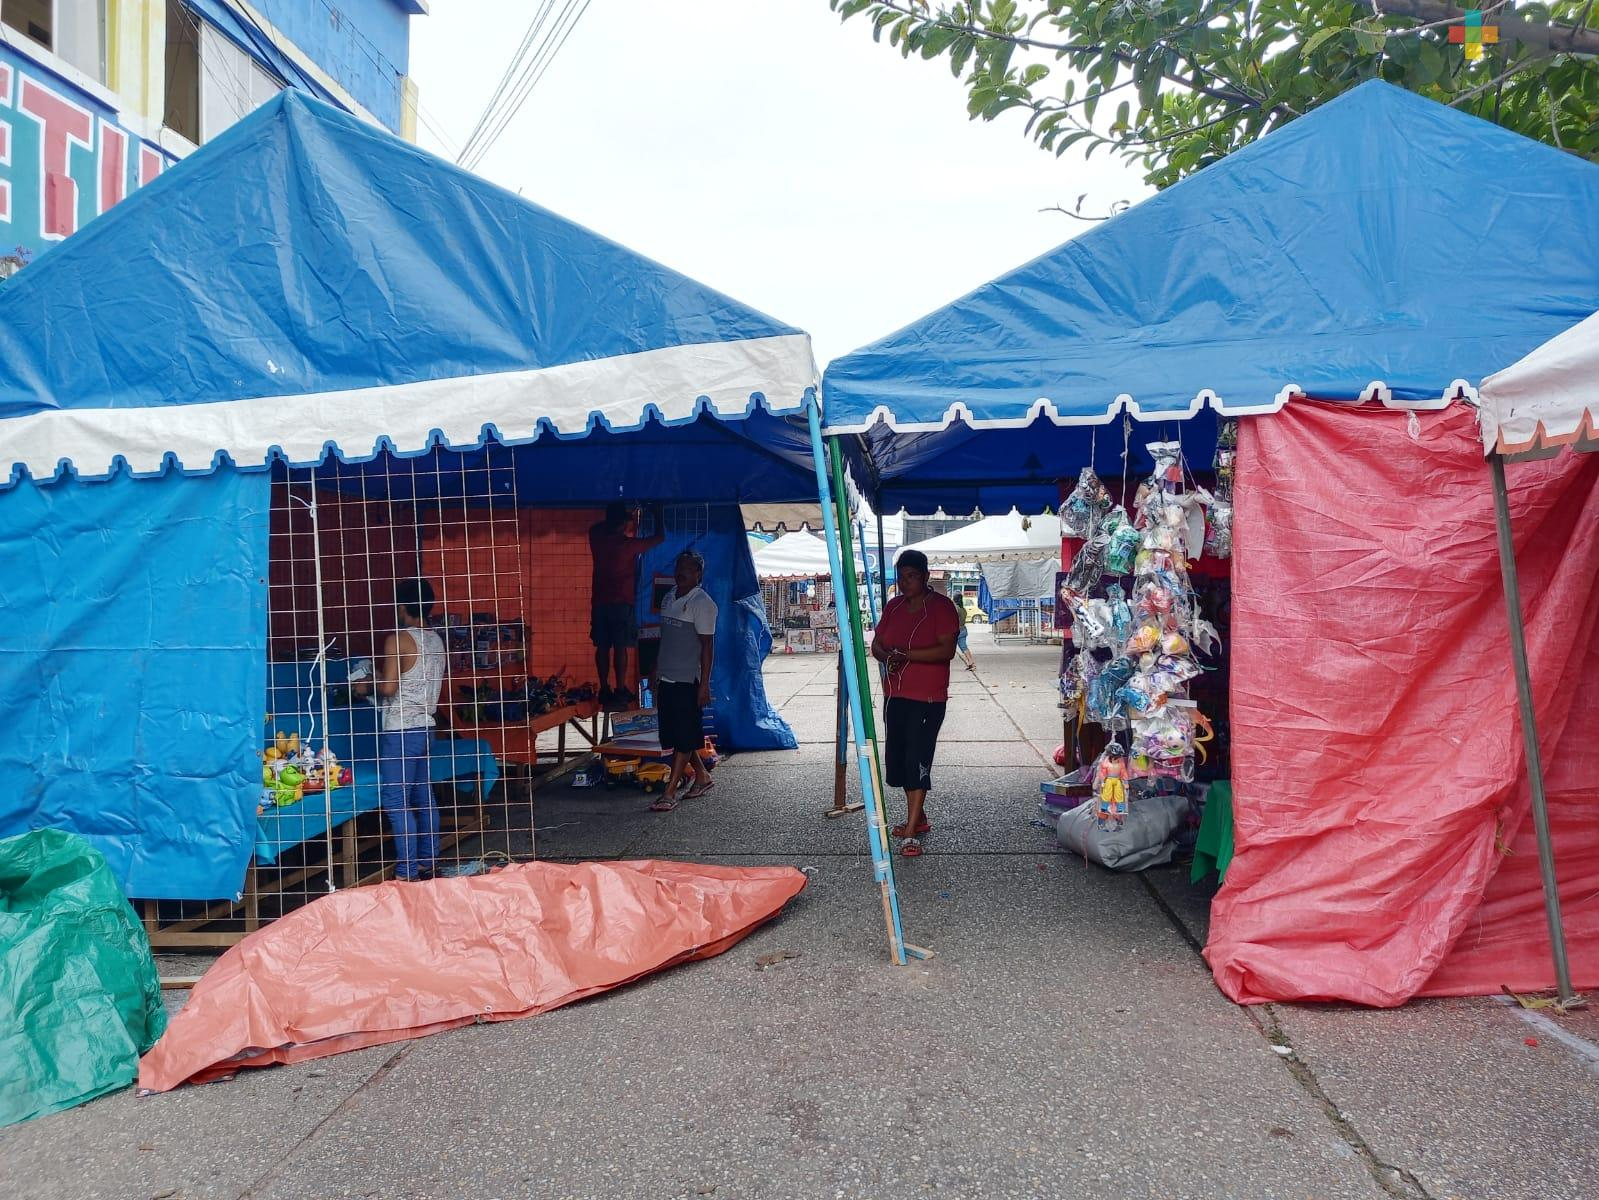 Comerciantes se instalan con motivo de la visita de los Reyes Magos